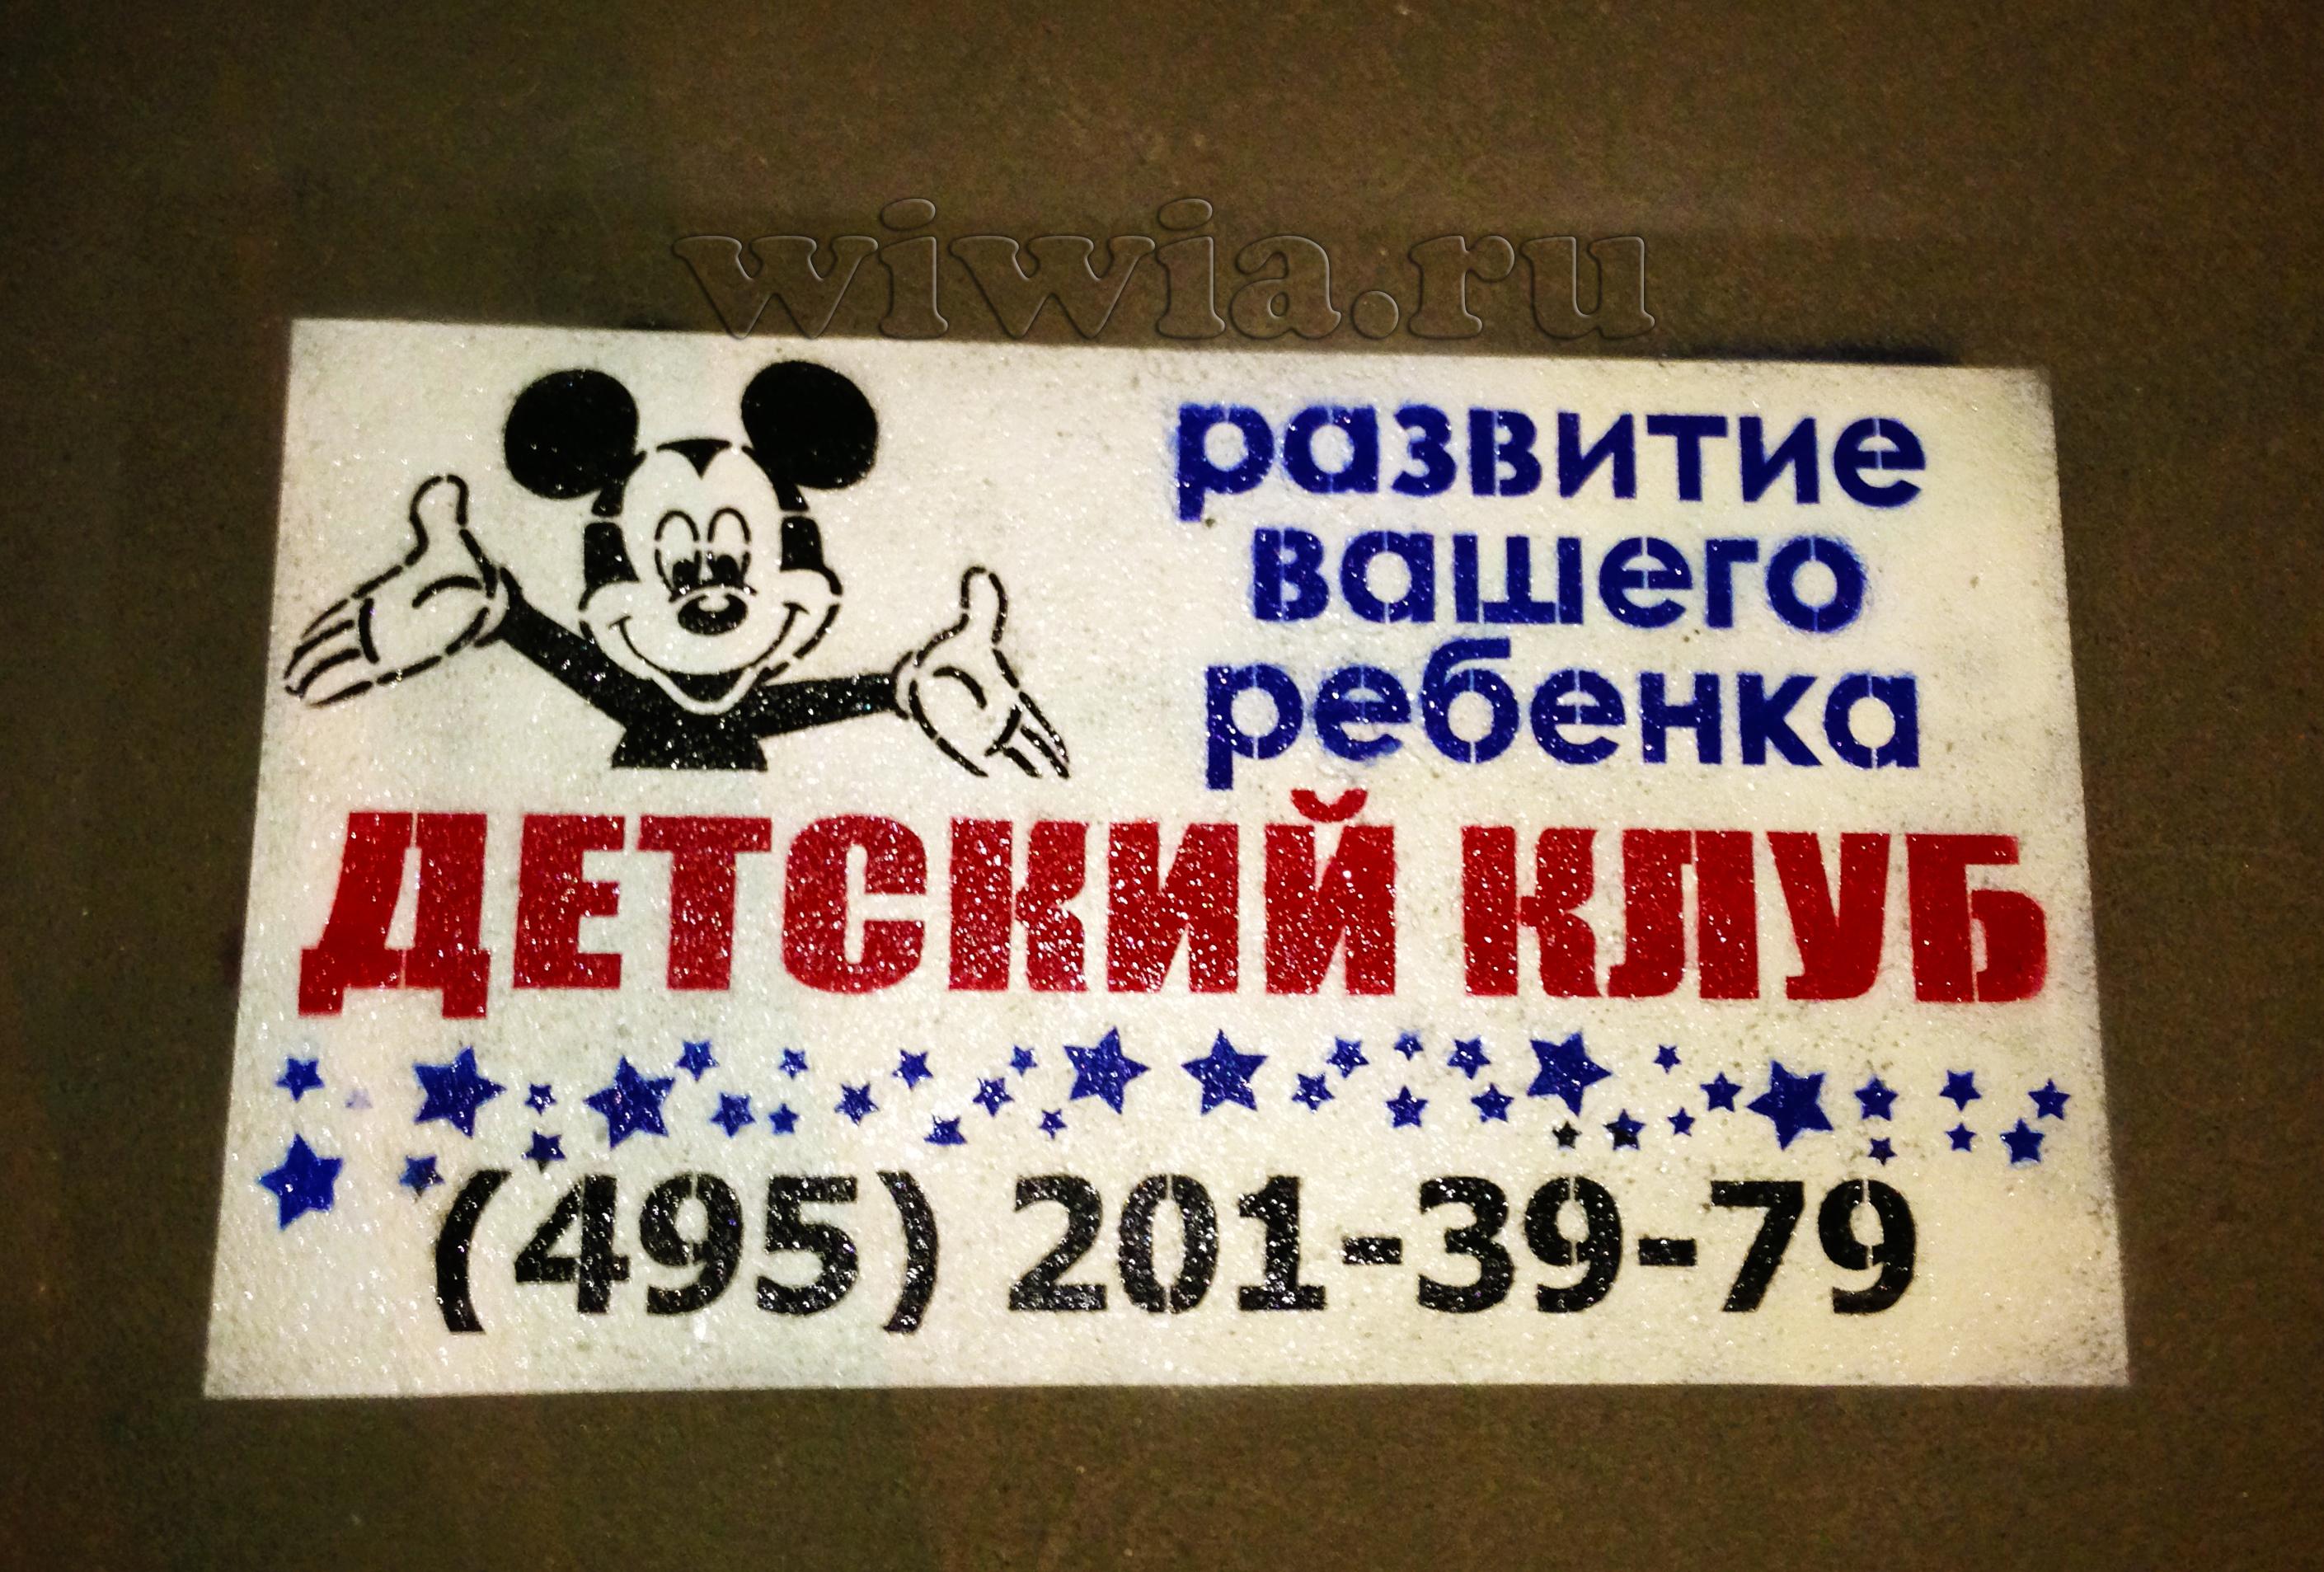 Реклама на асфальте для дет. сада.